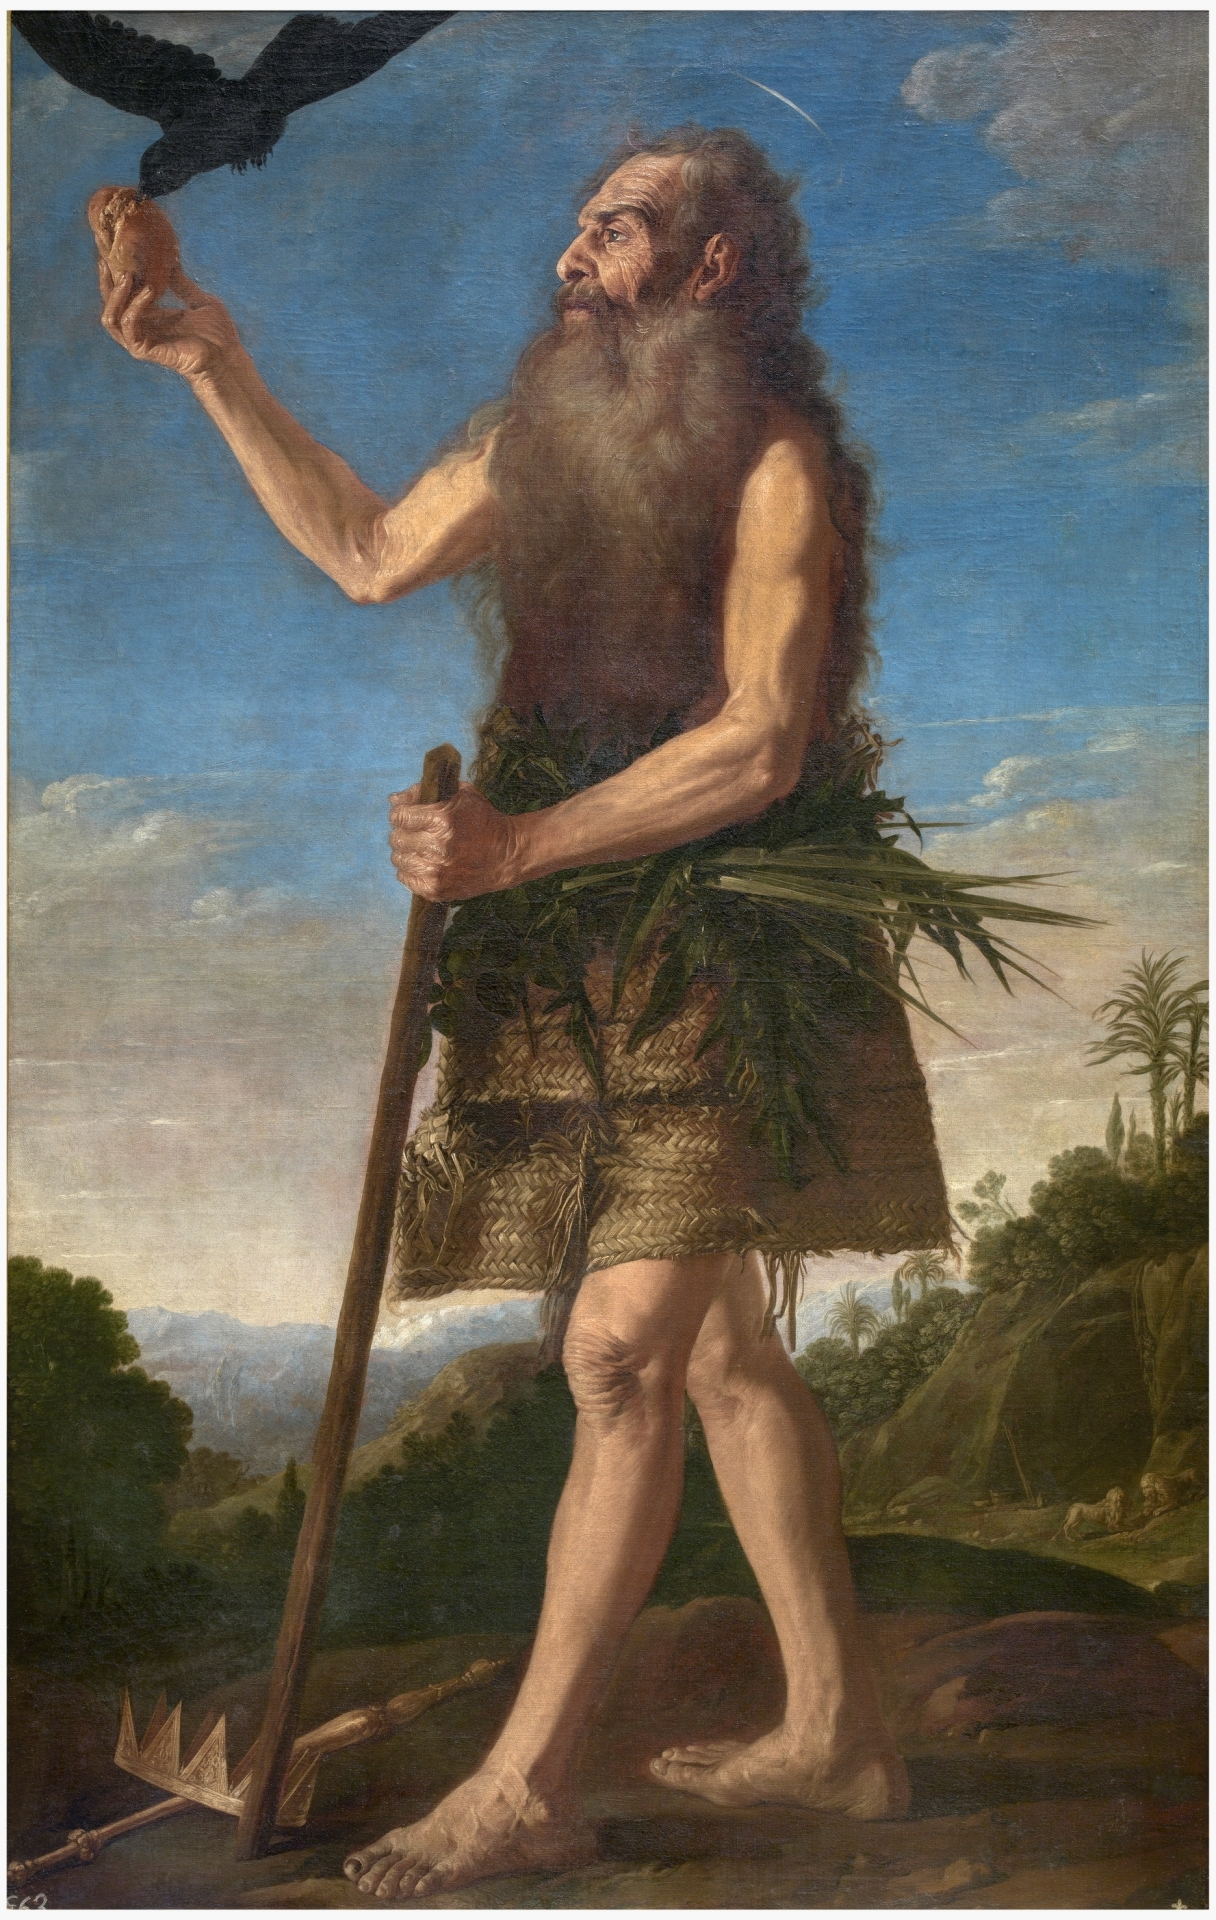 San Onofre - Colección - Museo Nacional del Prado